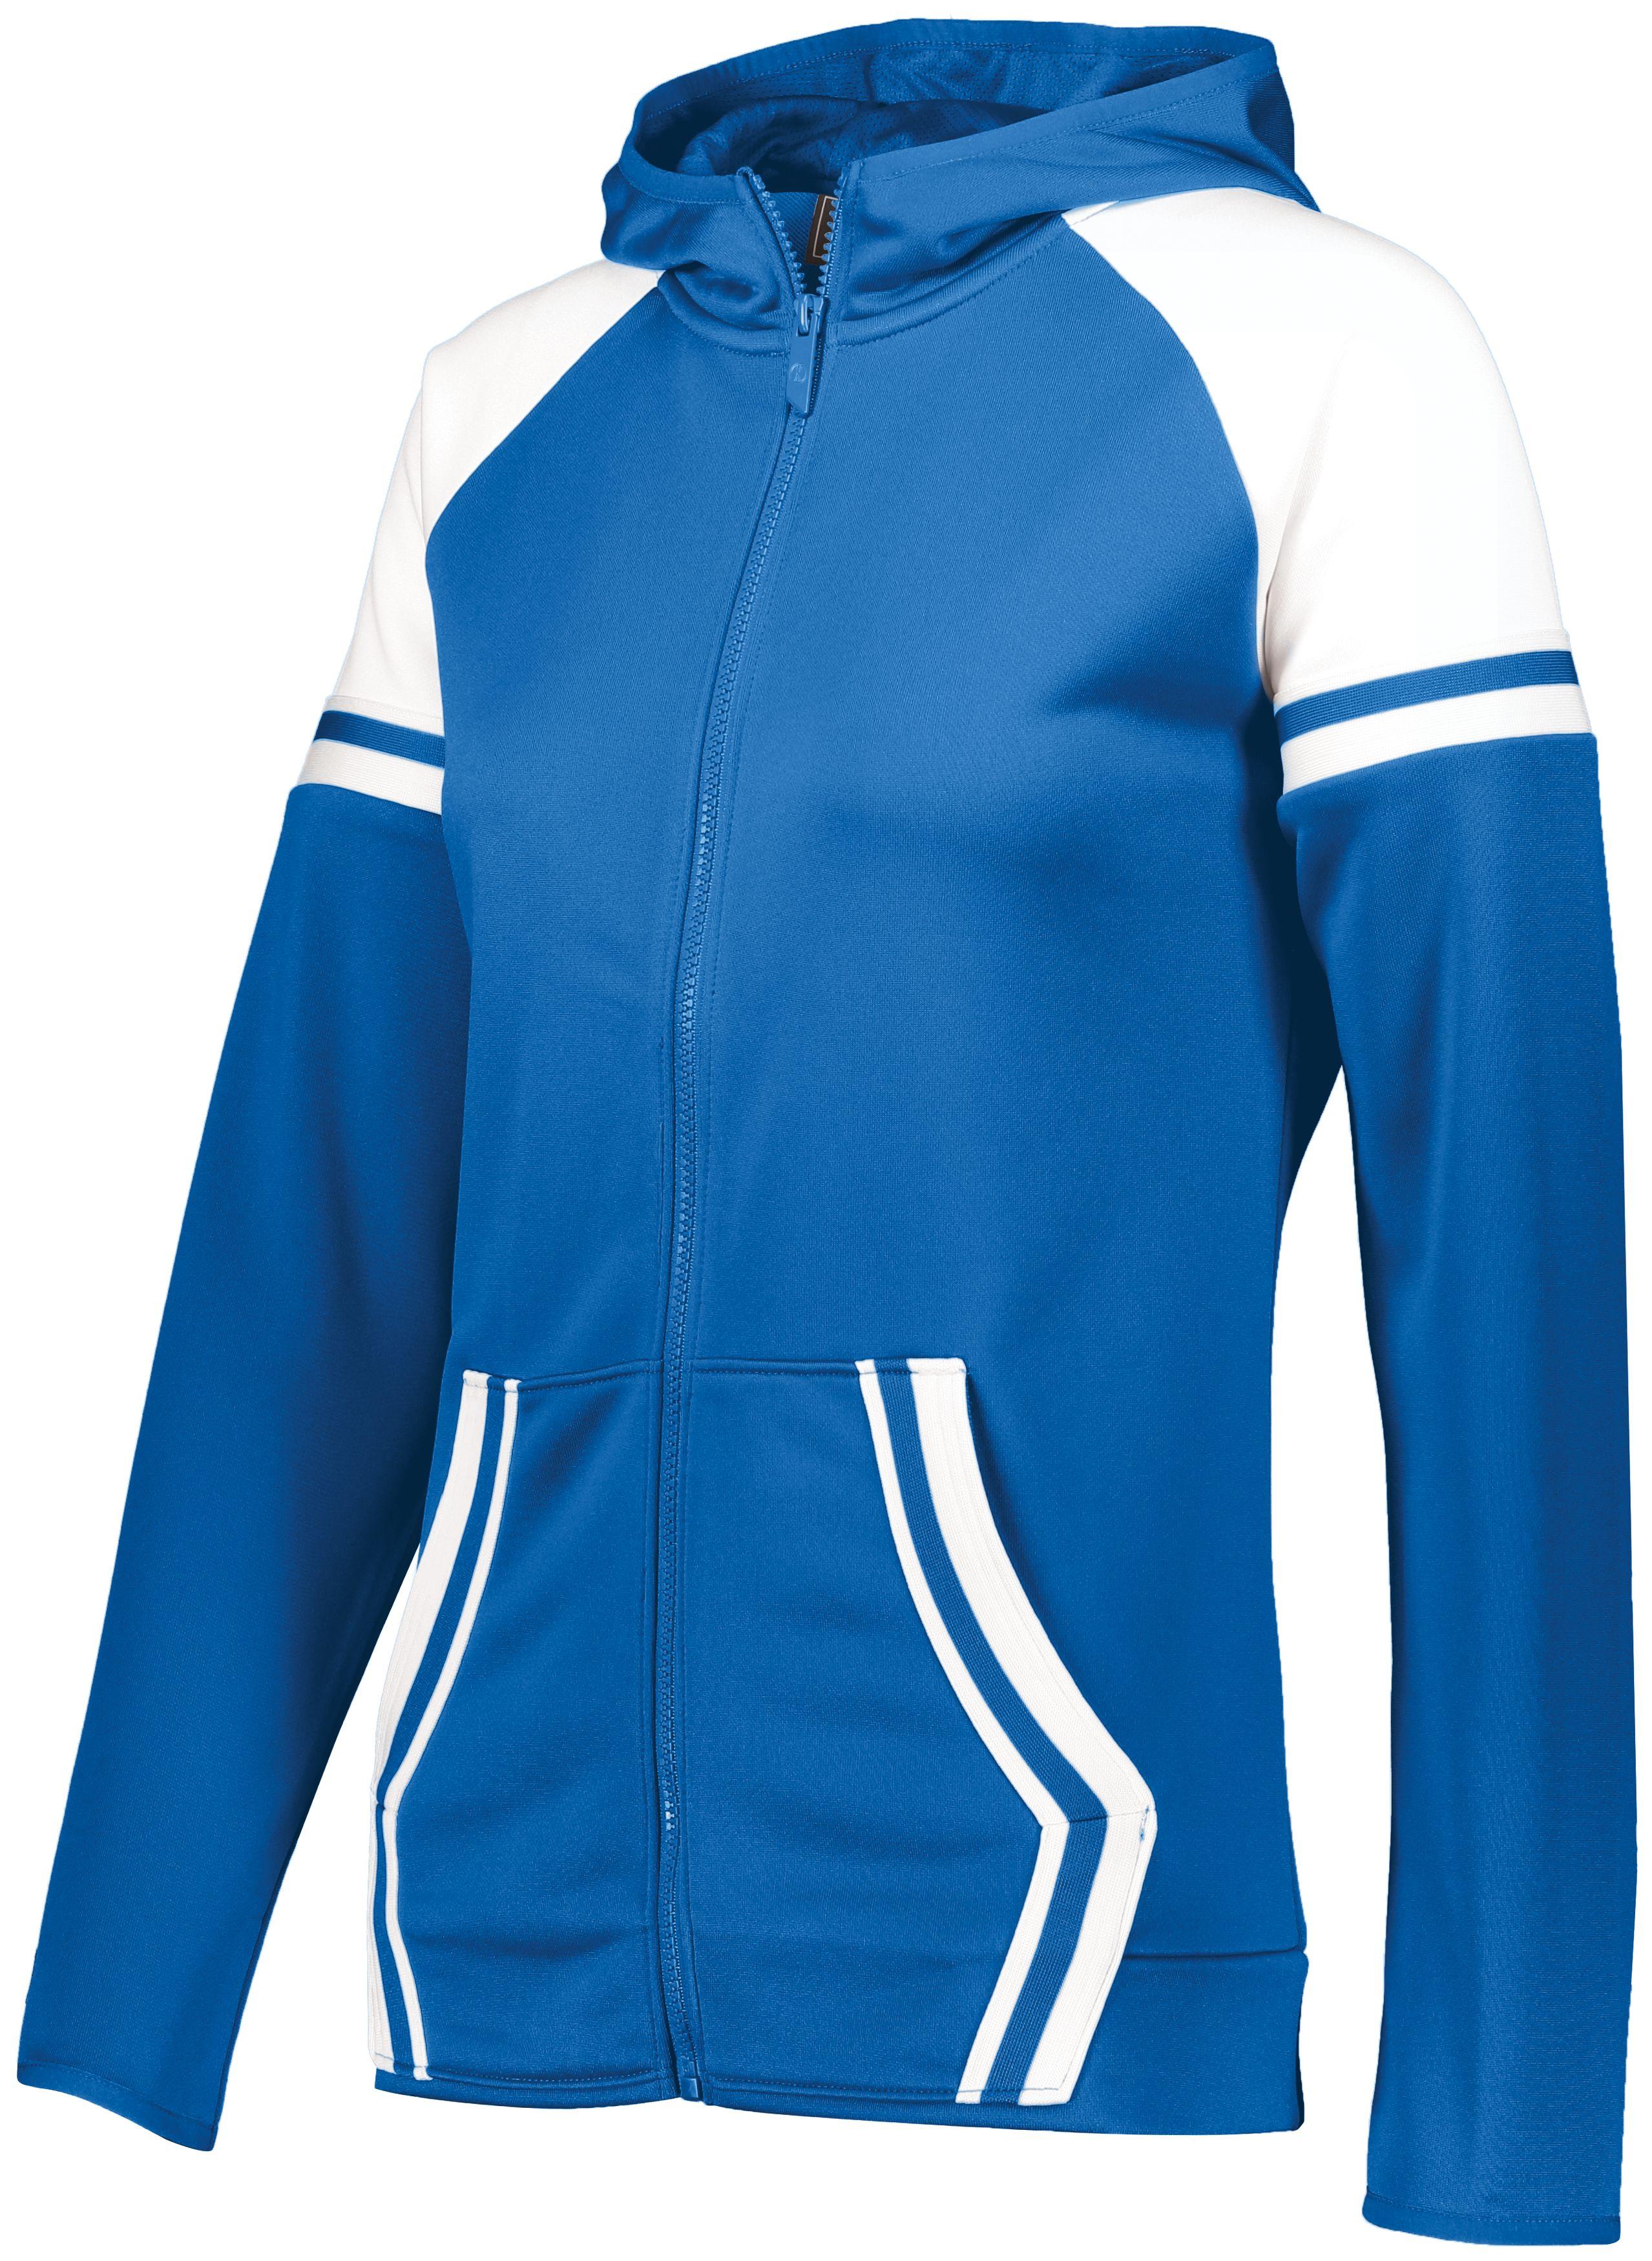 Ladies Retro Grade Jacket - Royal/white